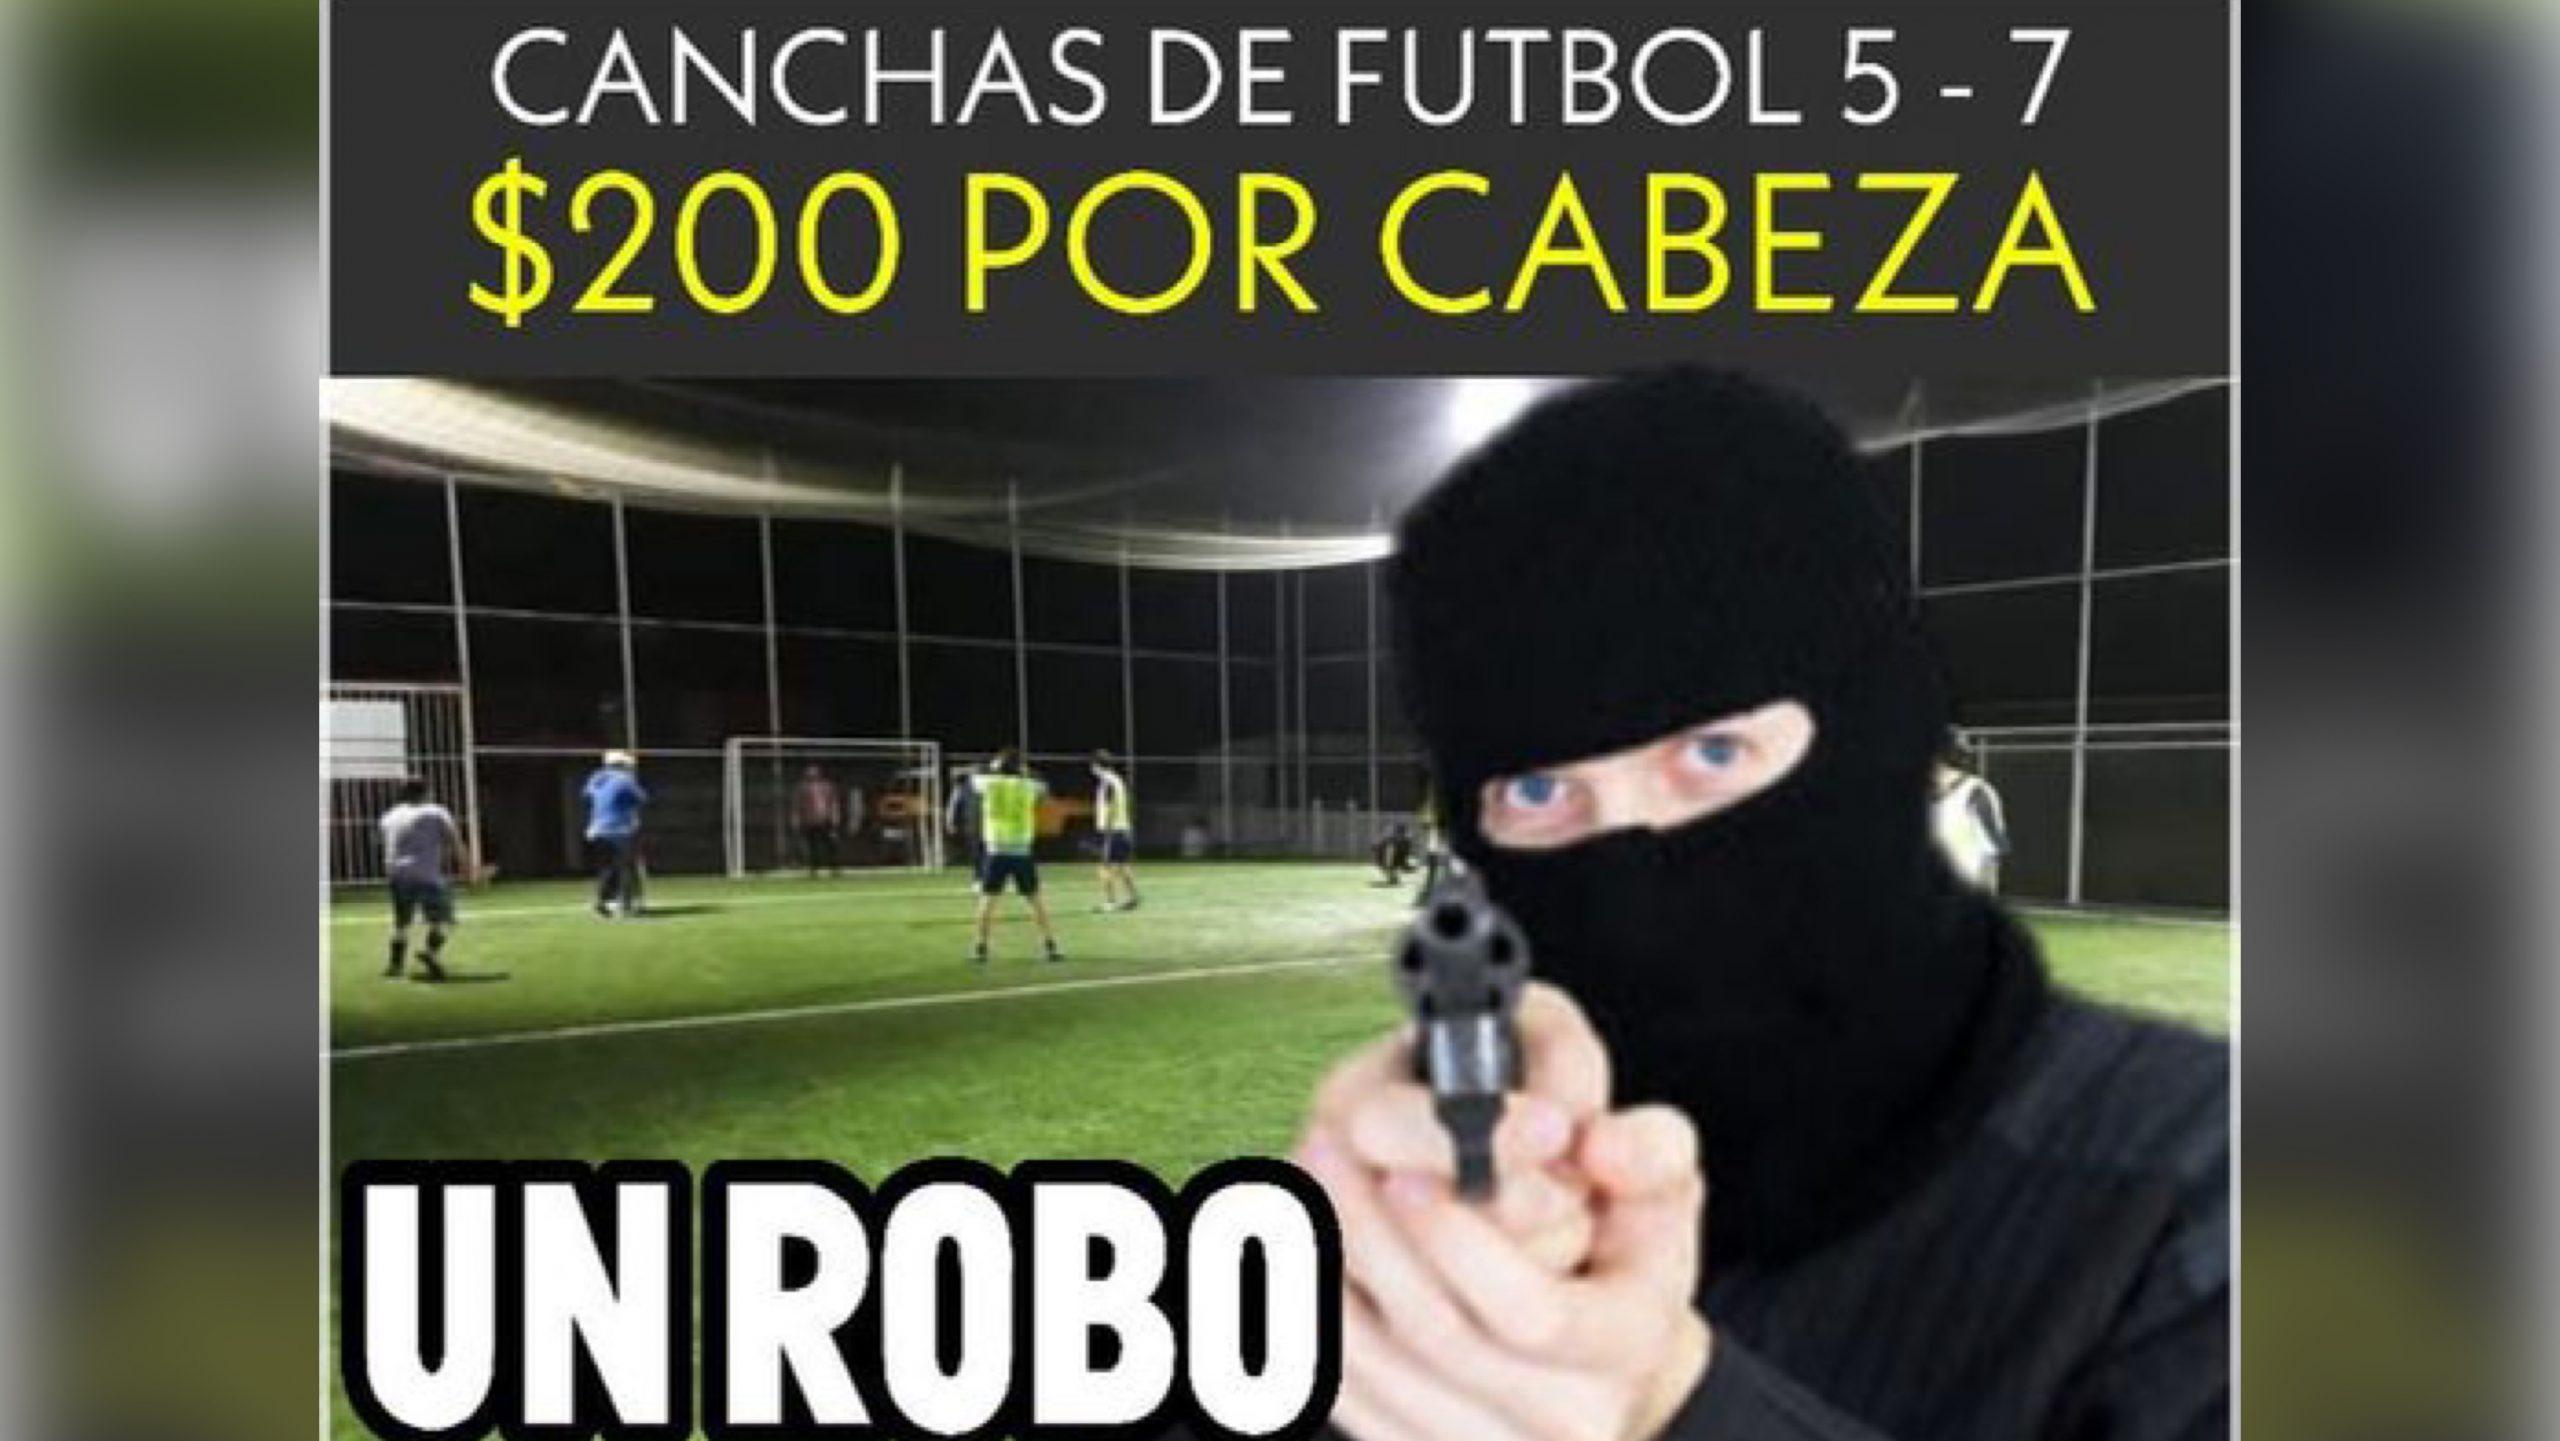 Fútbol 5: un polémico reclamo se hizo viral en las redes sociales